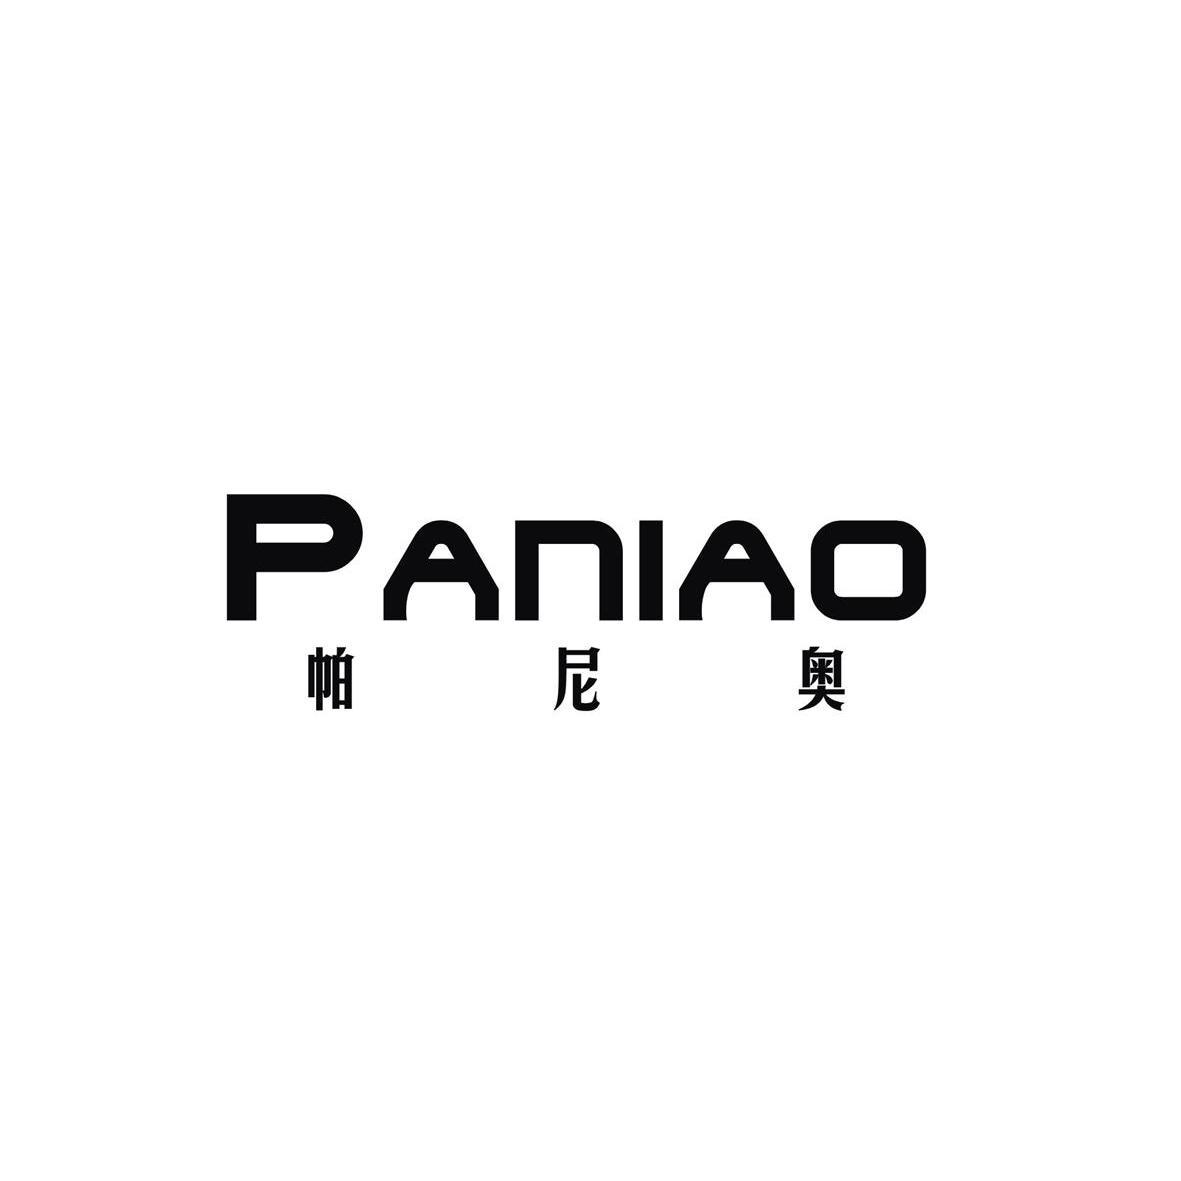 转让商标-帕尼奥 PANIAO